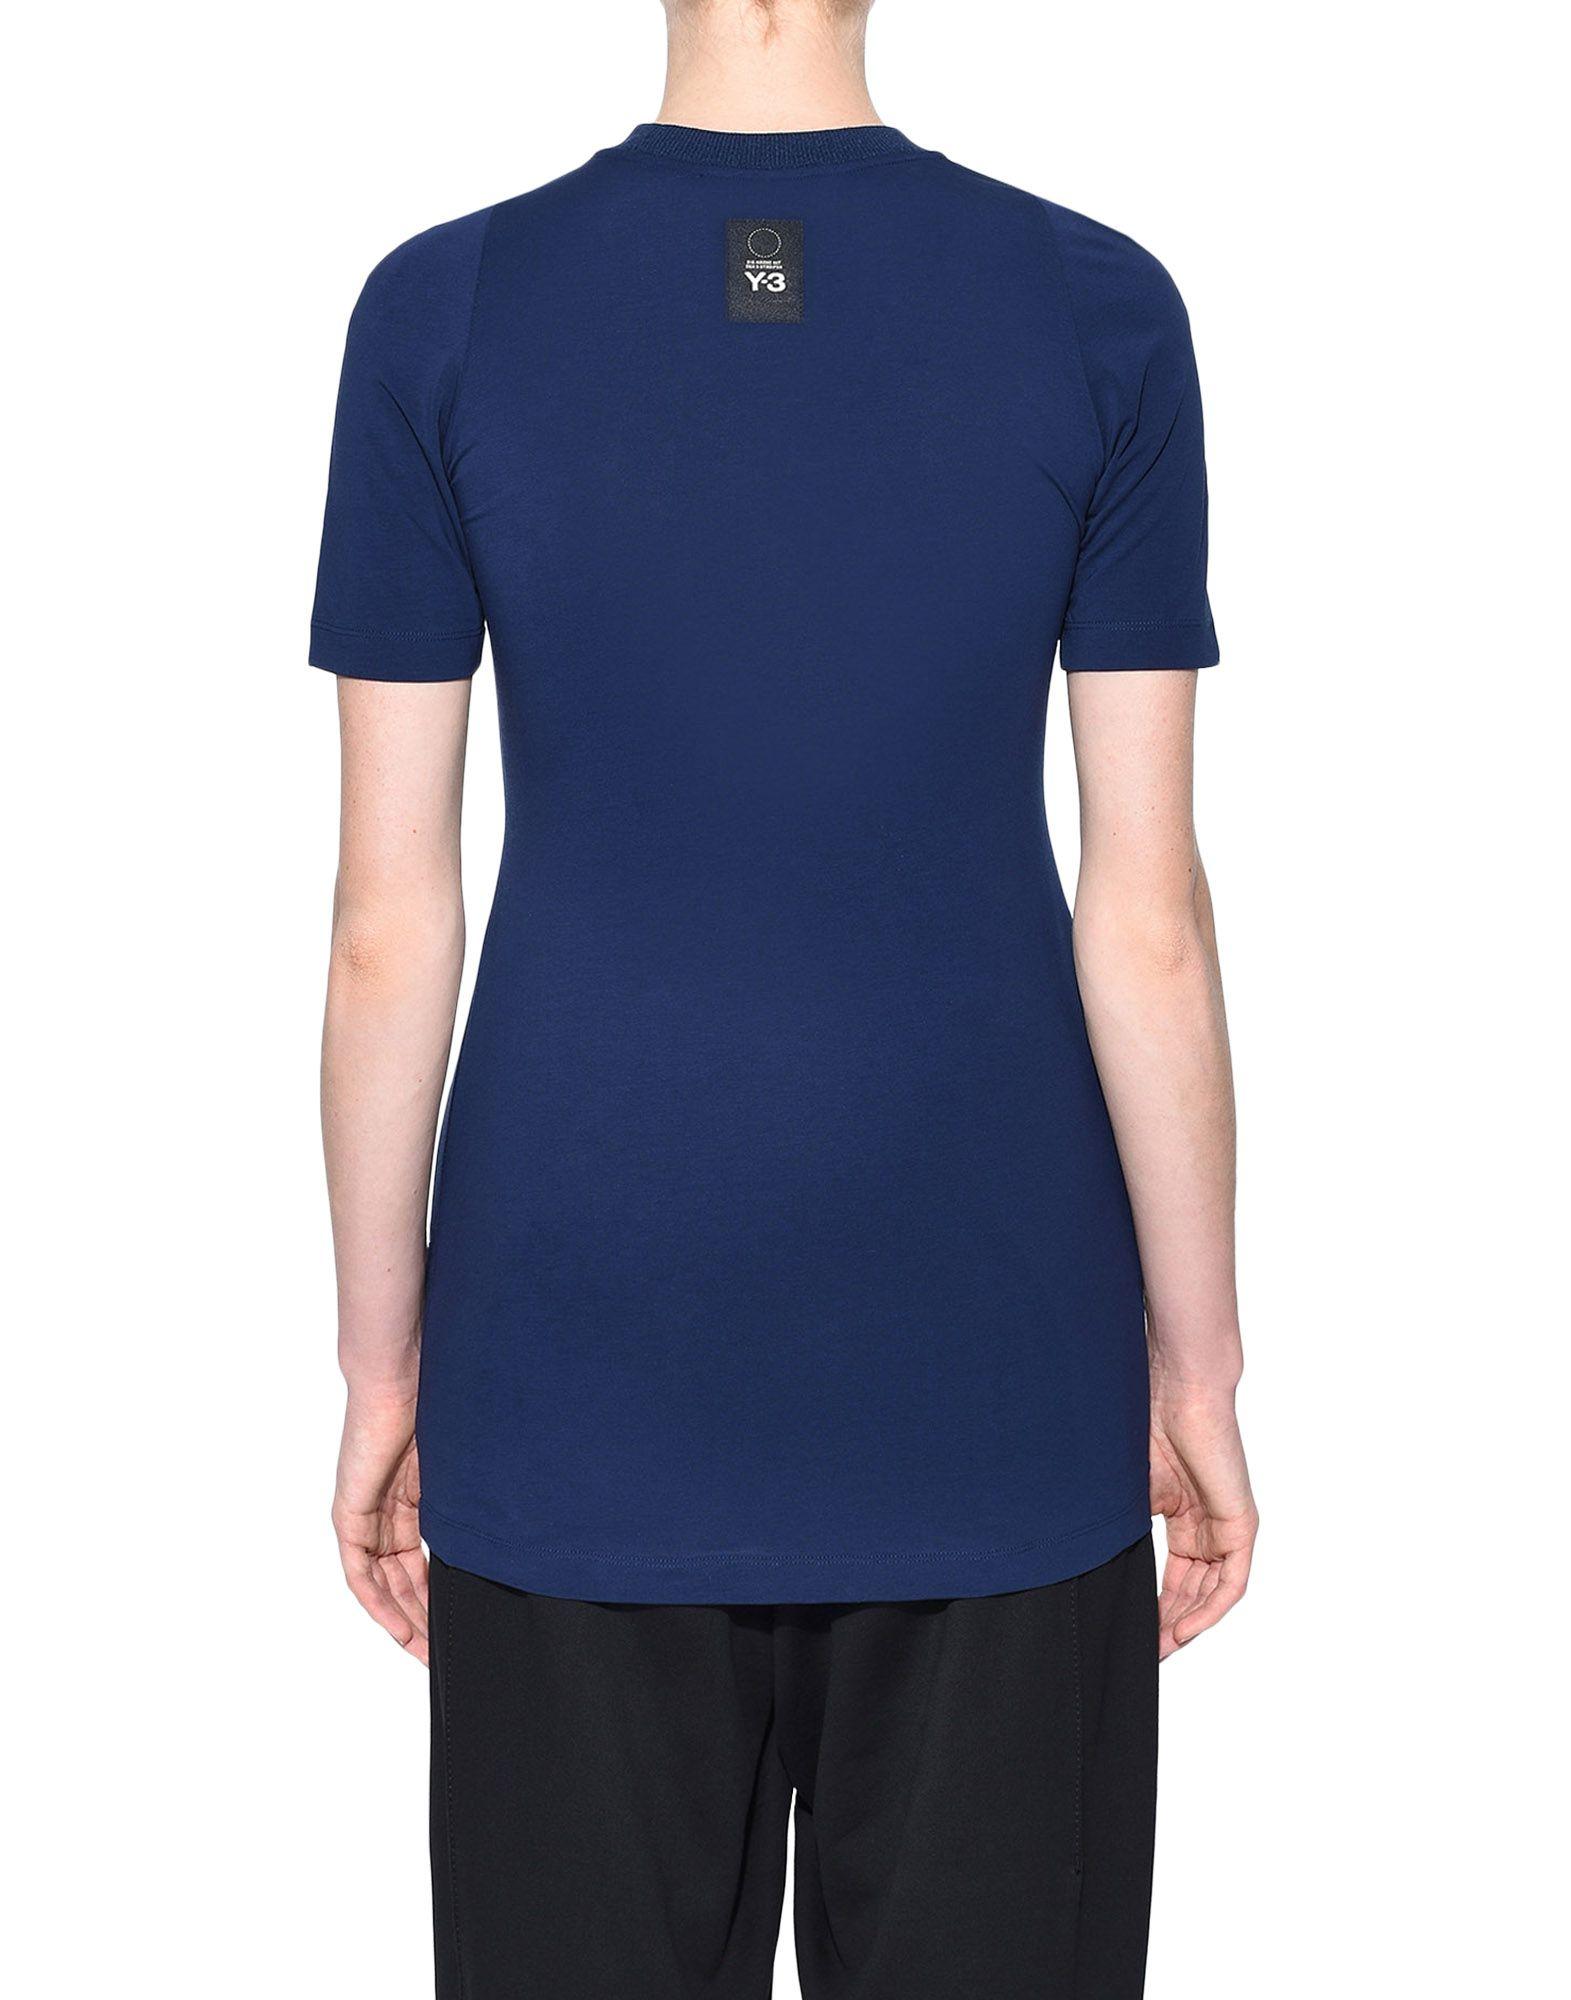 Y-3 Y-3 Prime Tee Short sleeve t-shirt Woman d